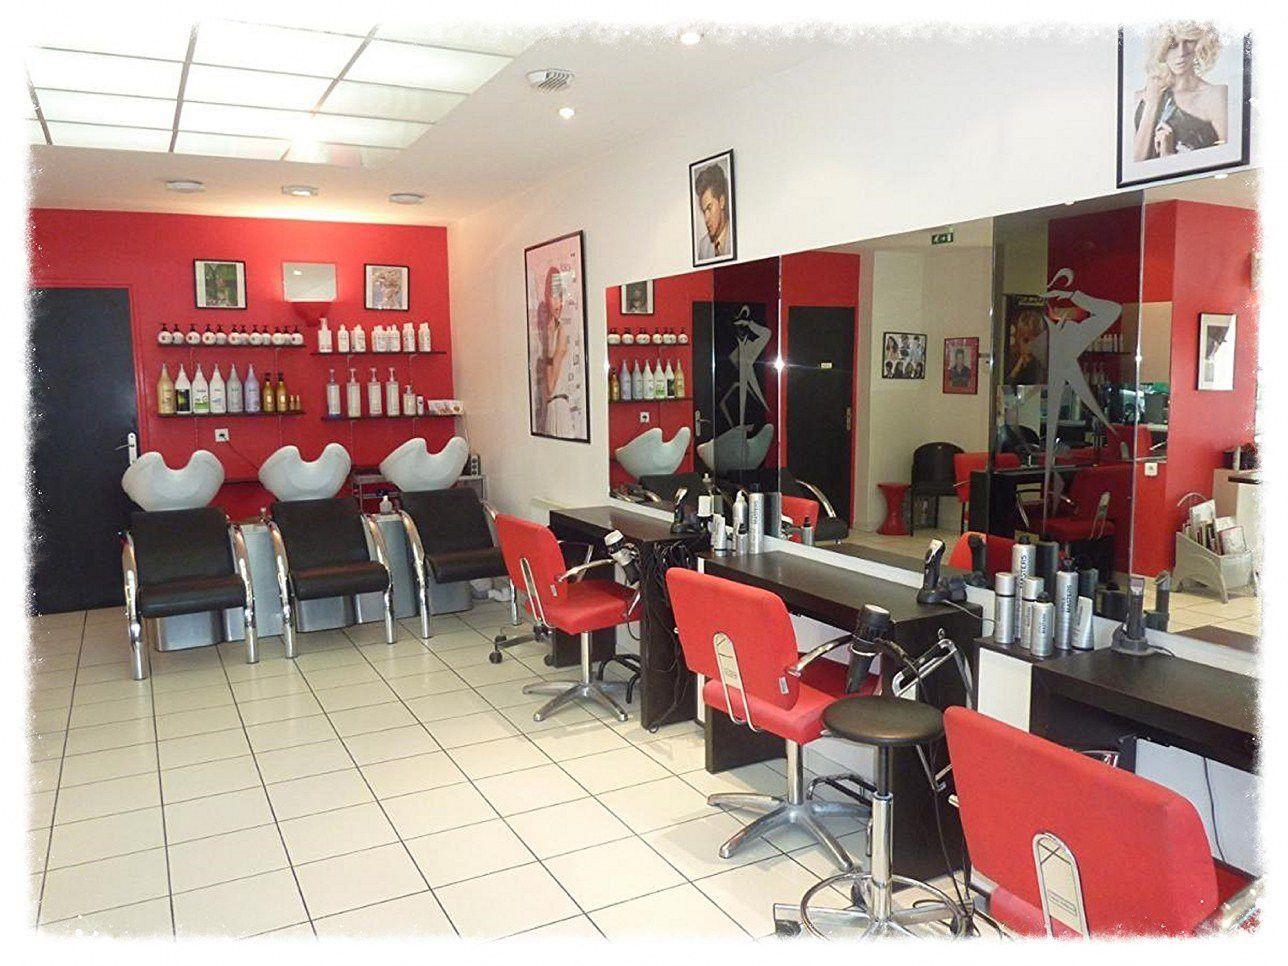 32+ Salon de coiffure sarcelles inspiration